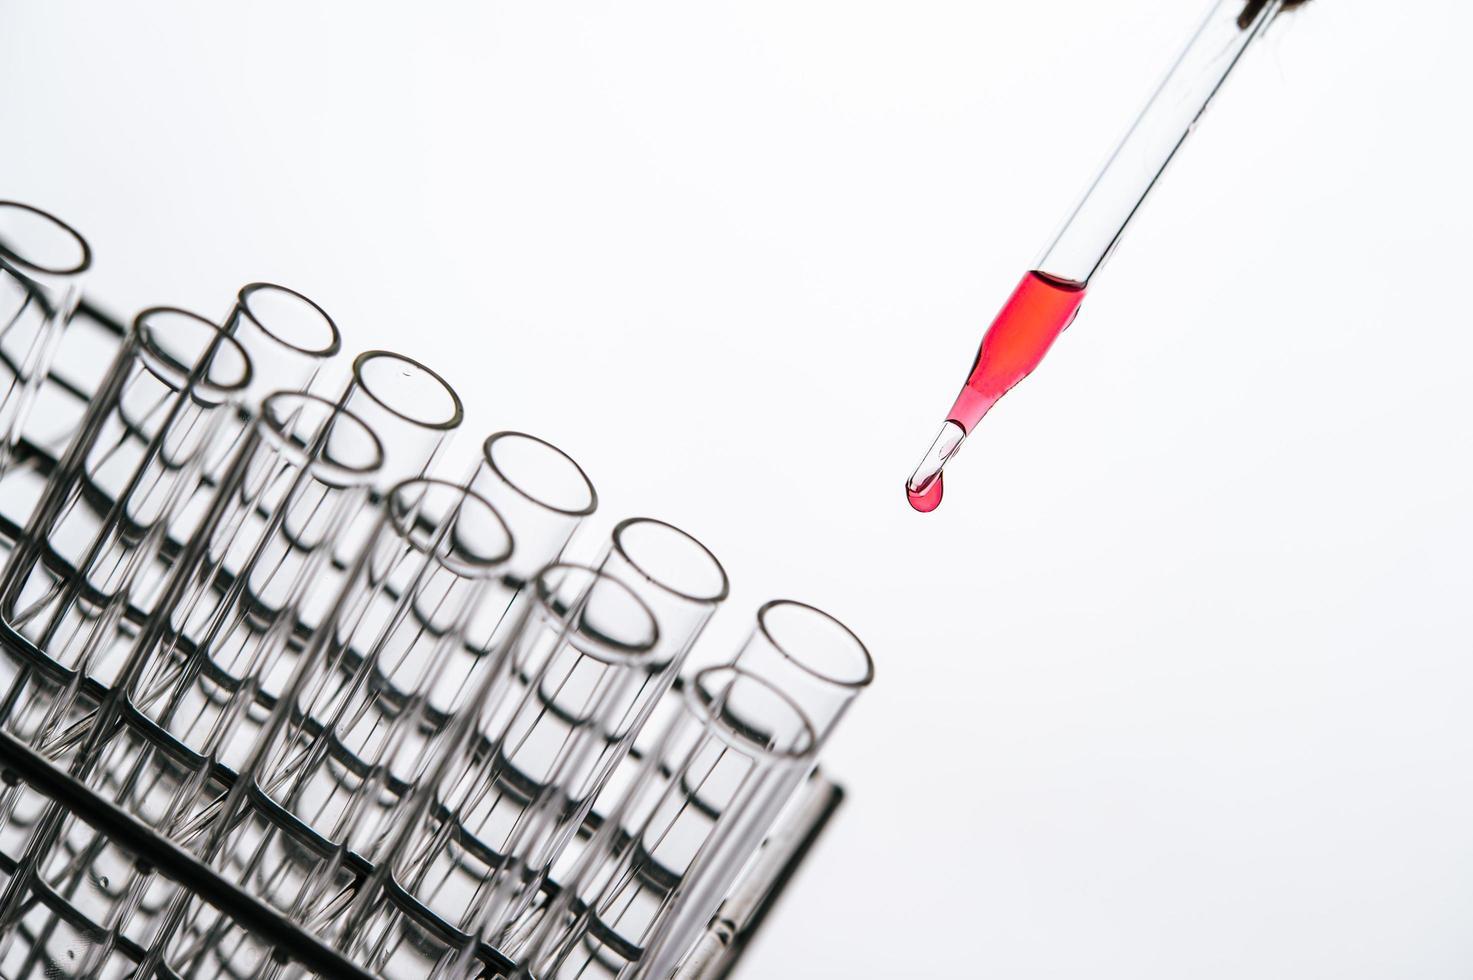 productos químicos rojos caídos en un vaso de precipitados foto